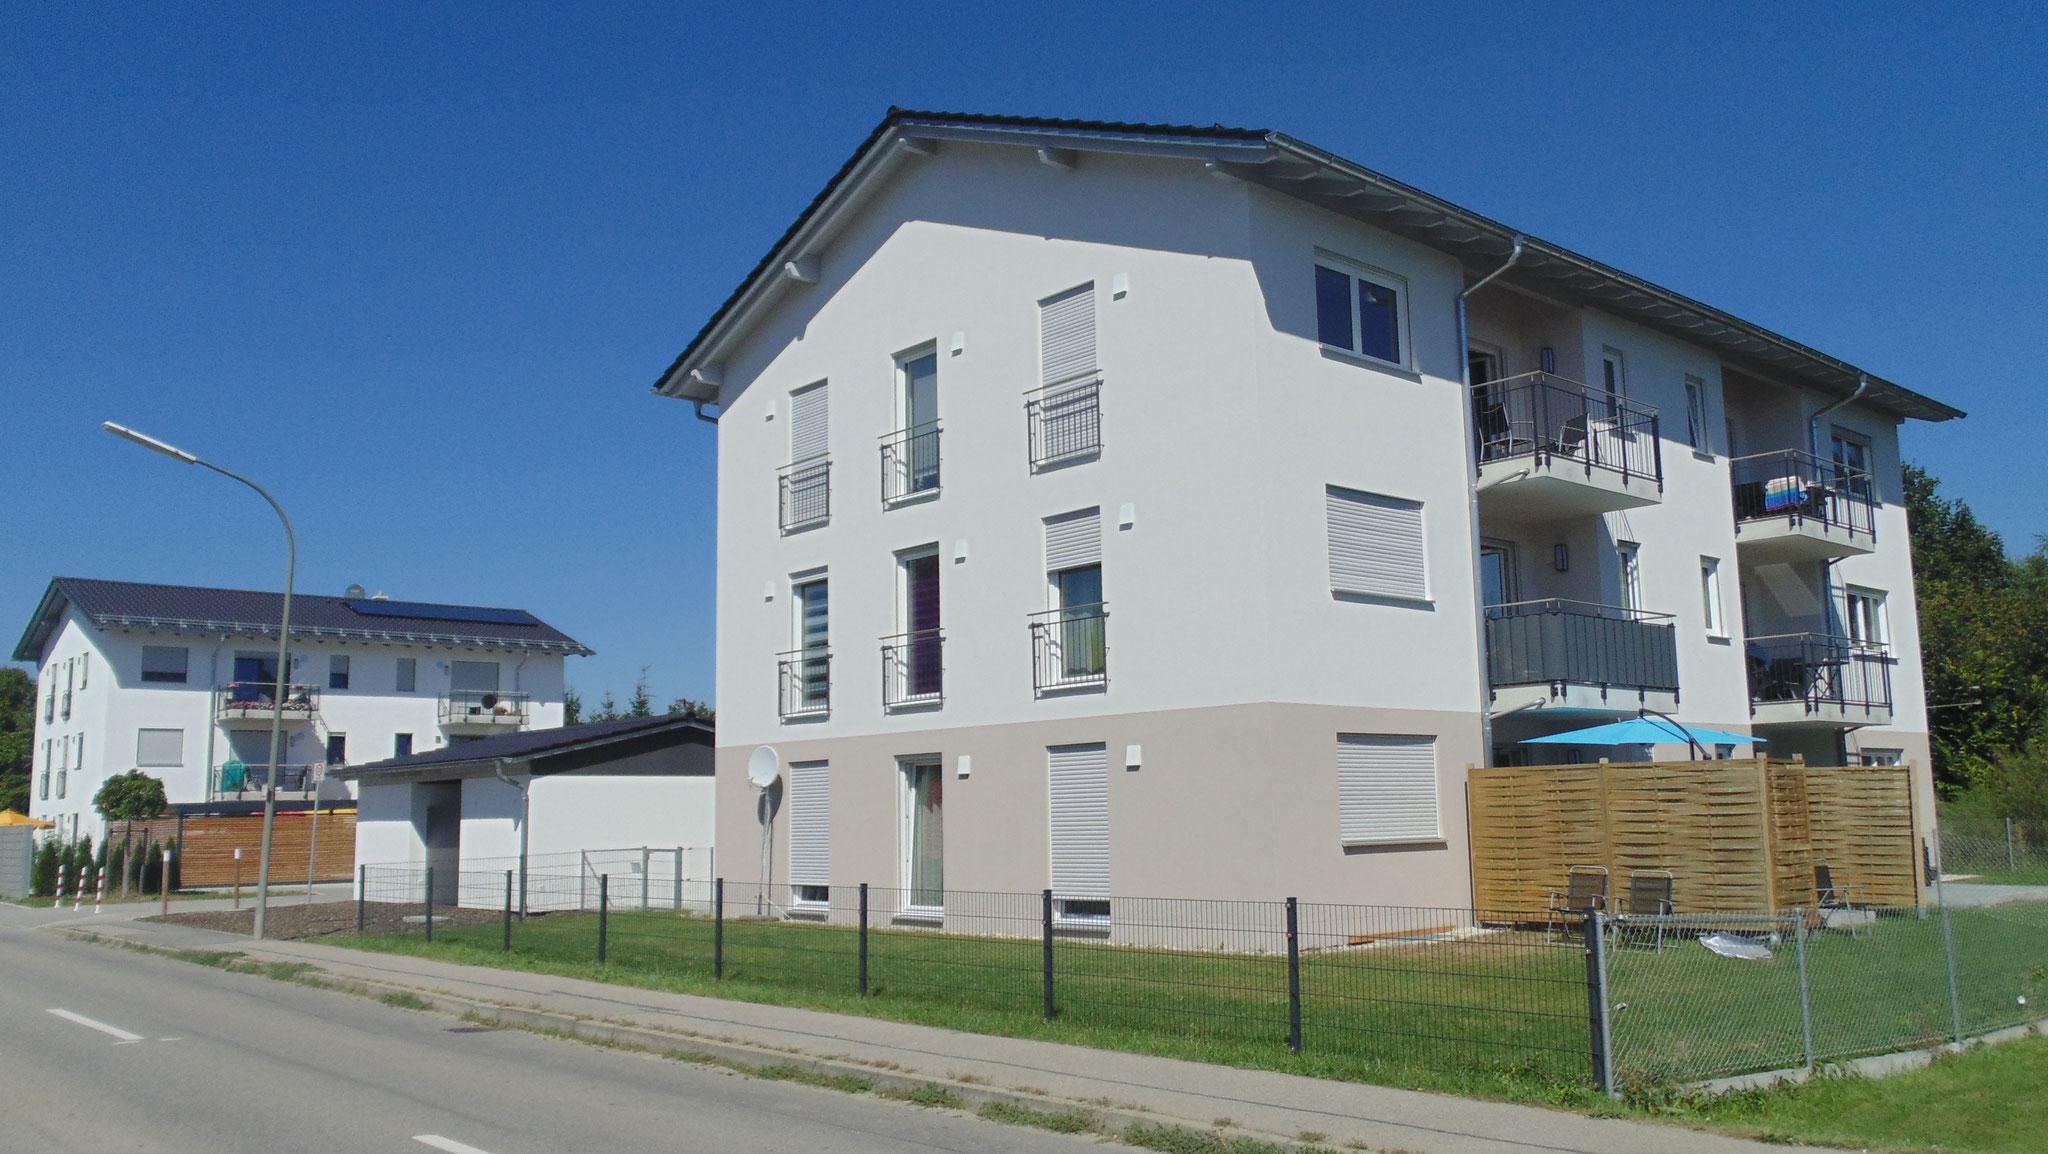 Neubau von 2 Mehrfamilienwohnhäusern mit 6 Wohneinheiten, Niederaichbach 2016 - Blick auf beide Referenzen